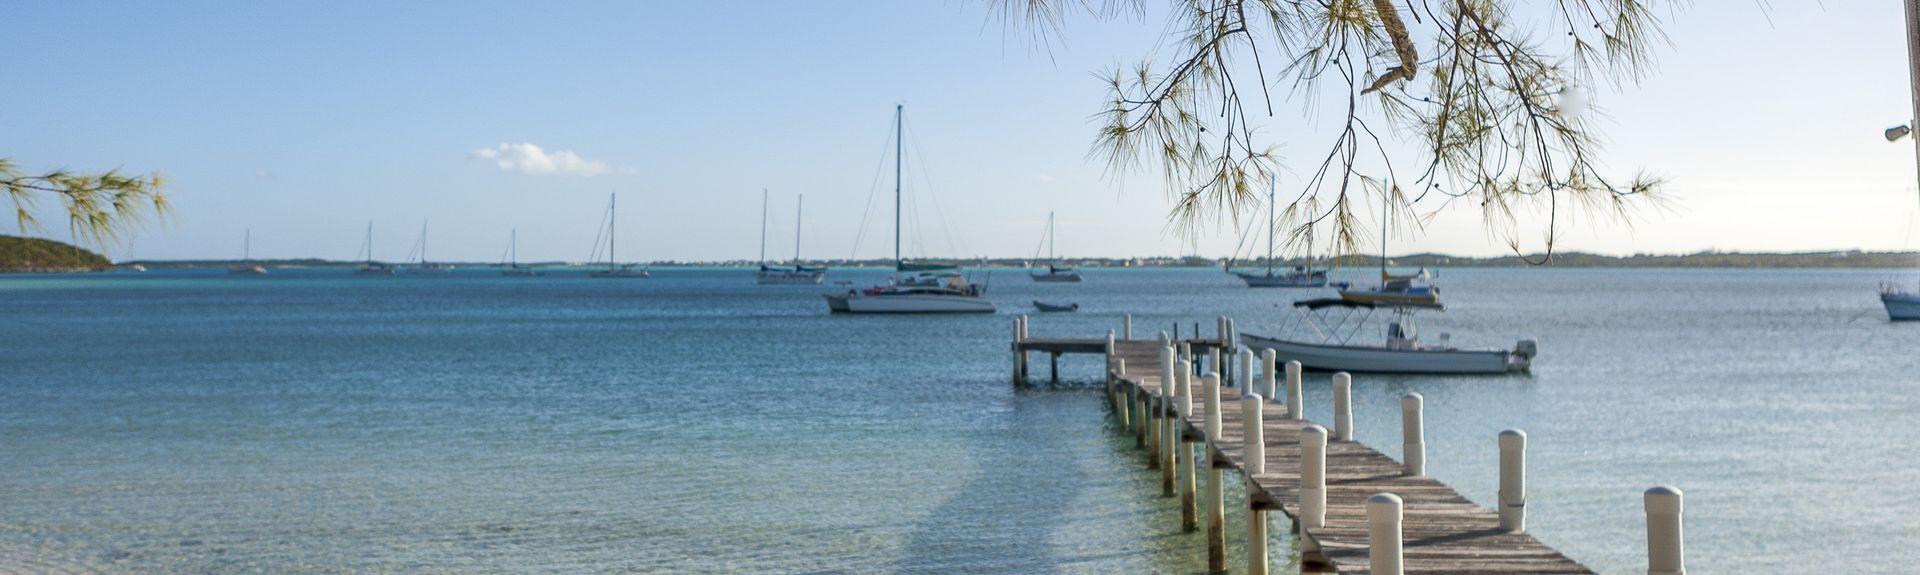 Great Exuma Island, Exuma, Bahamas